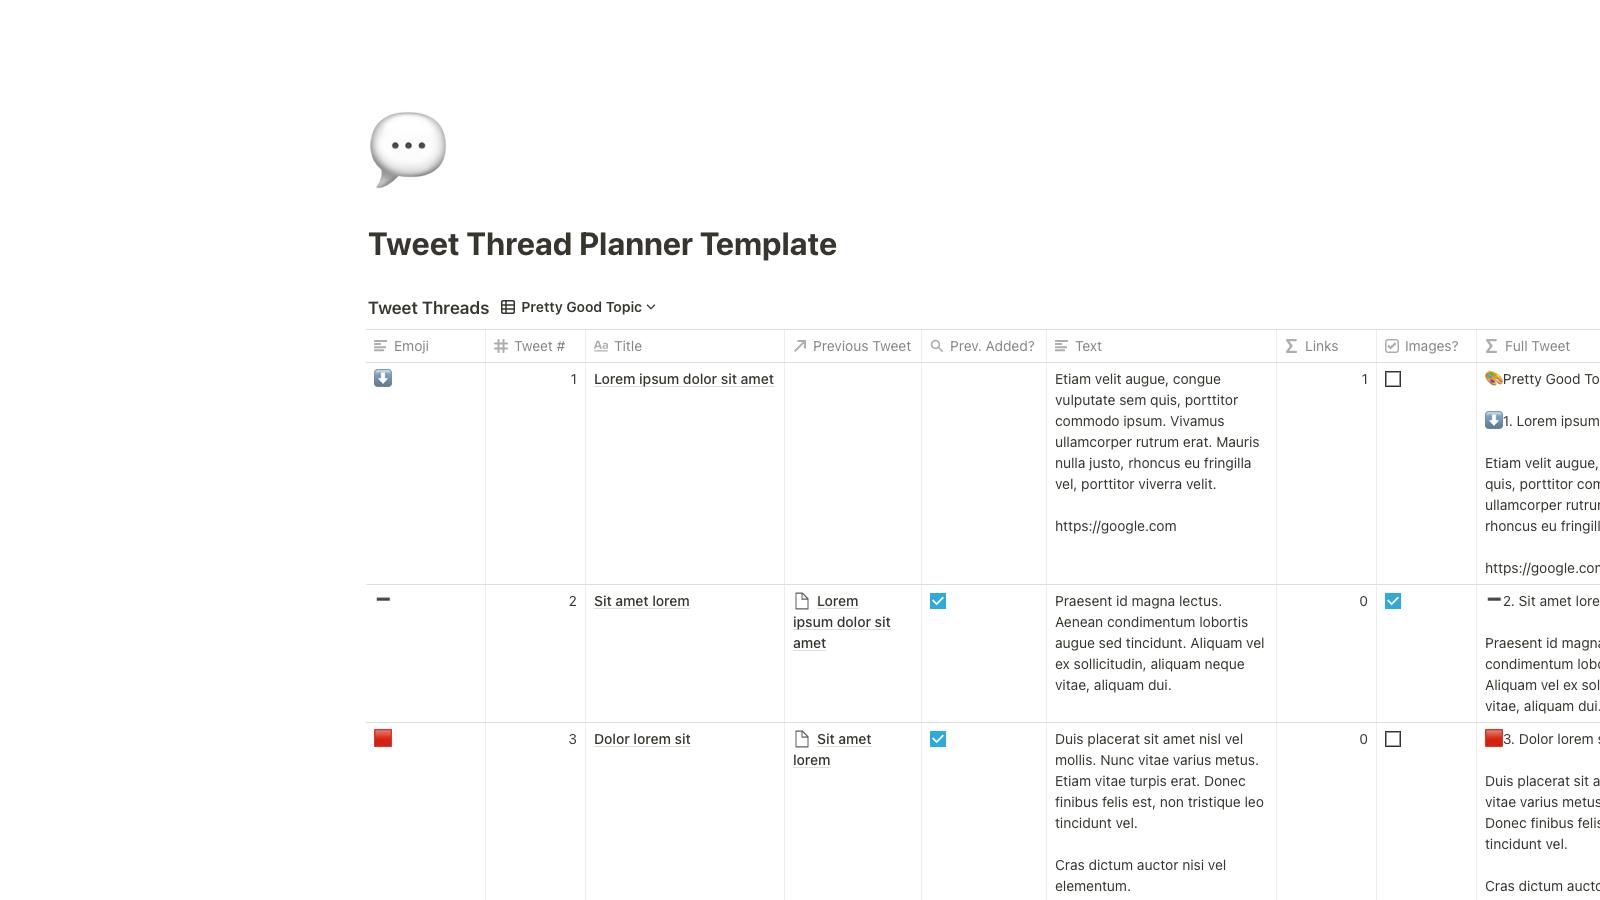 Tweet Thread Planner